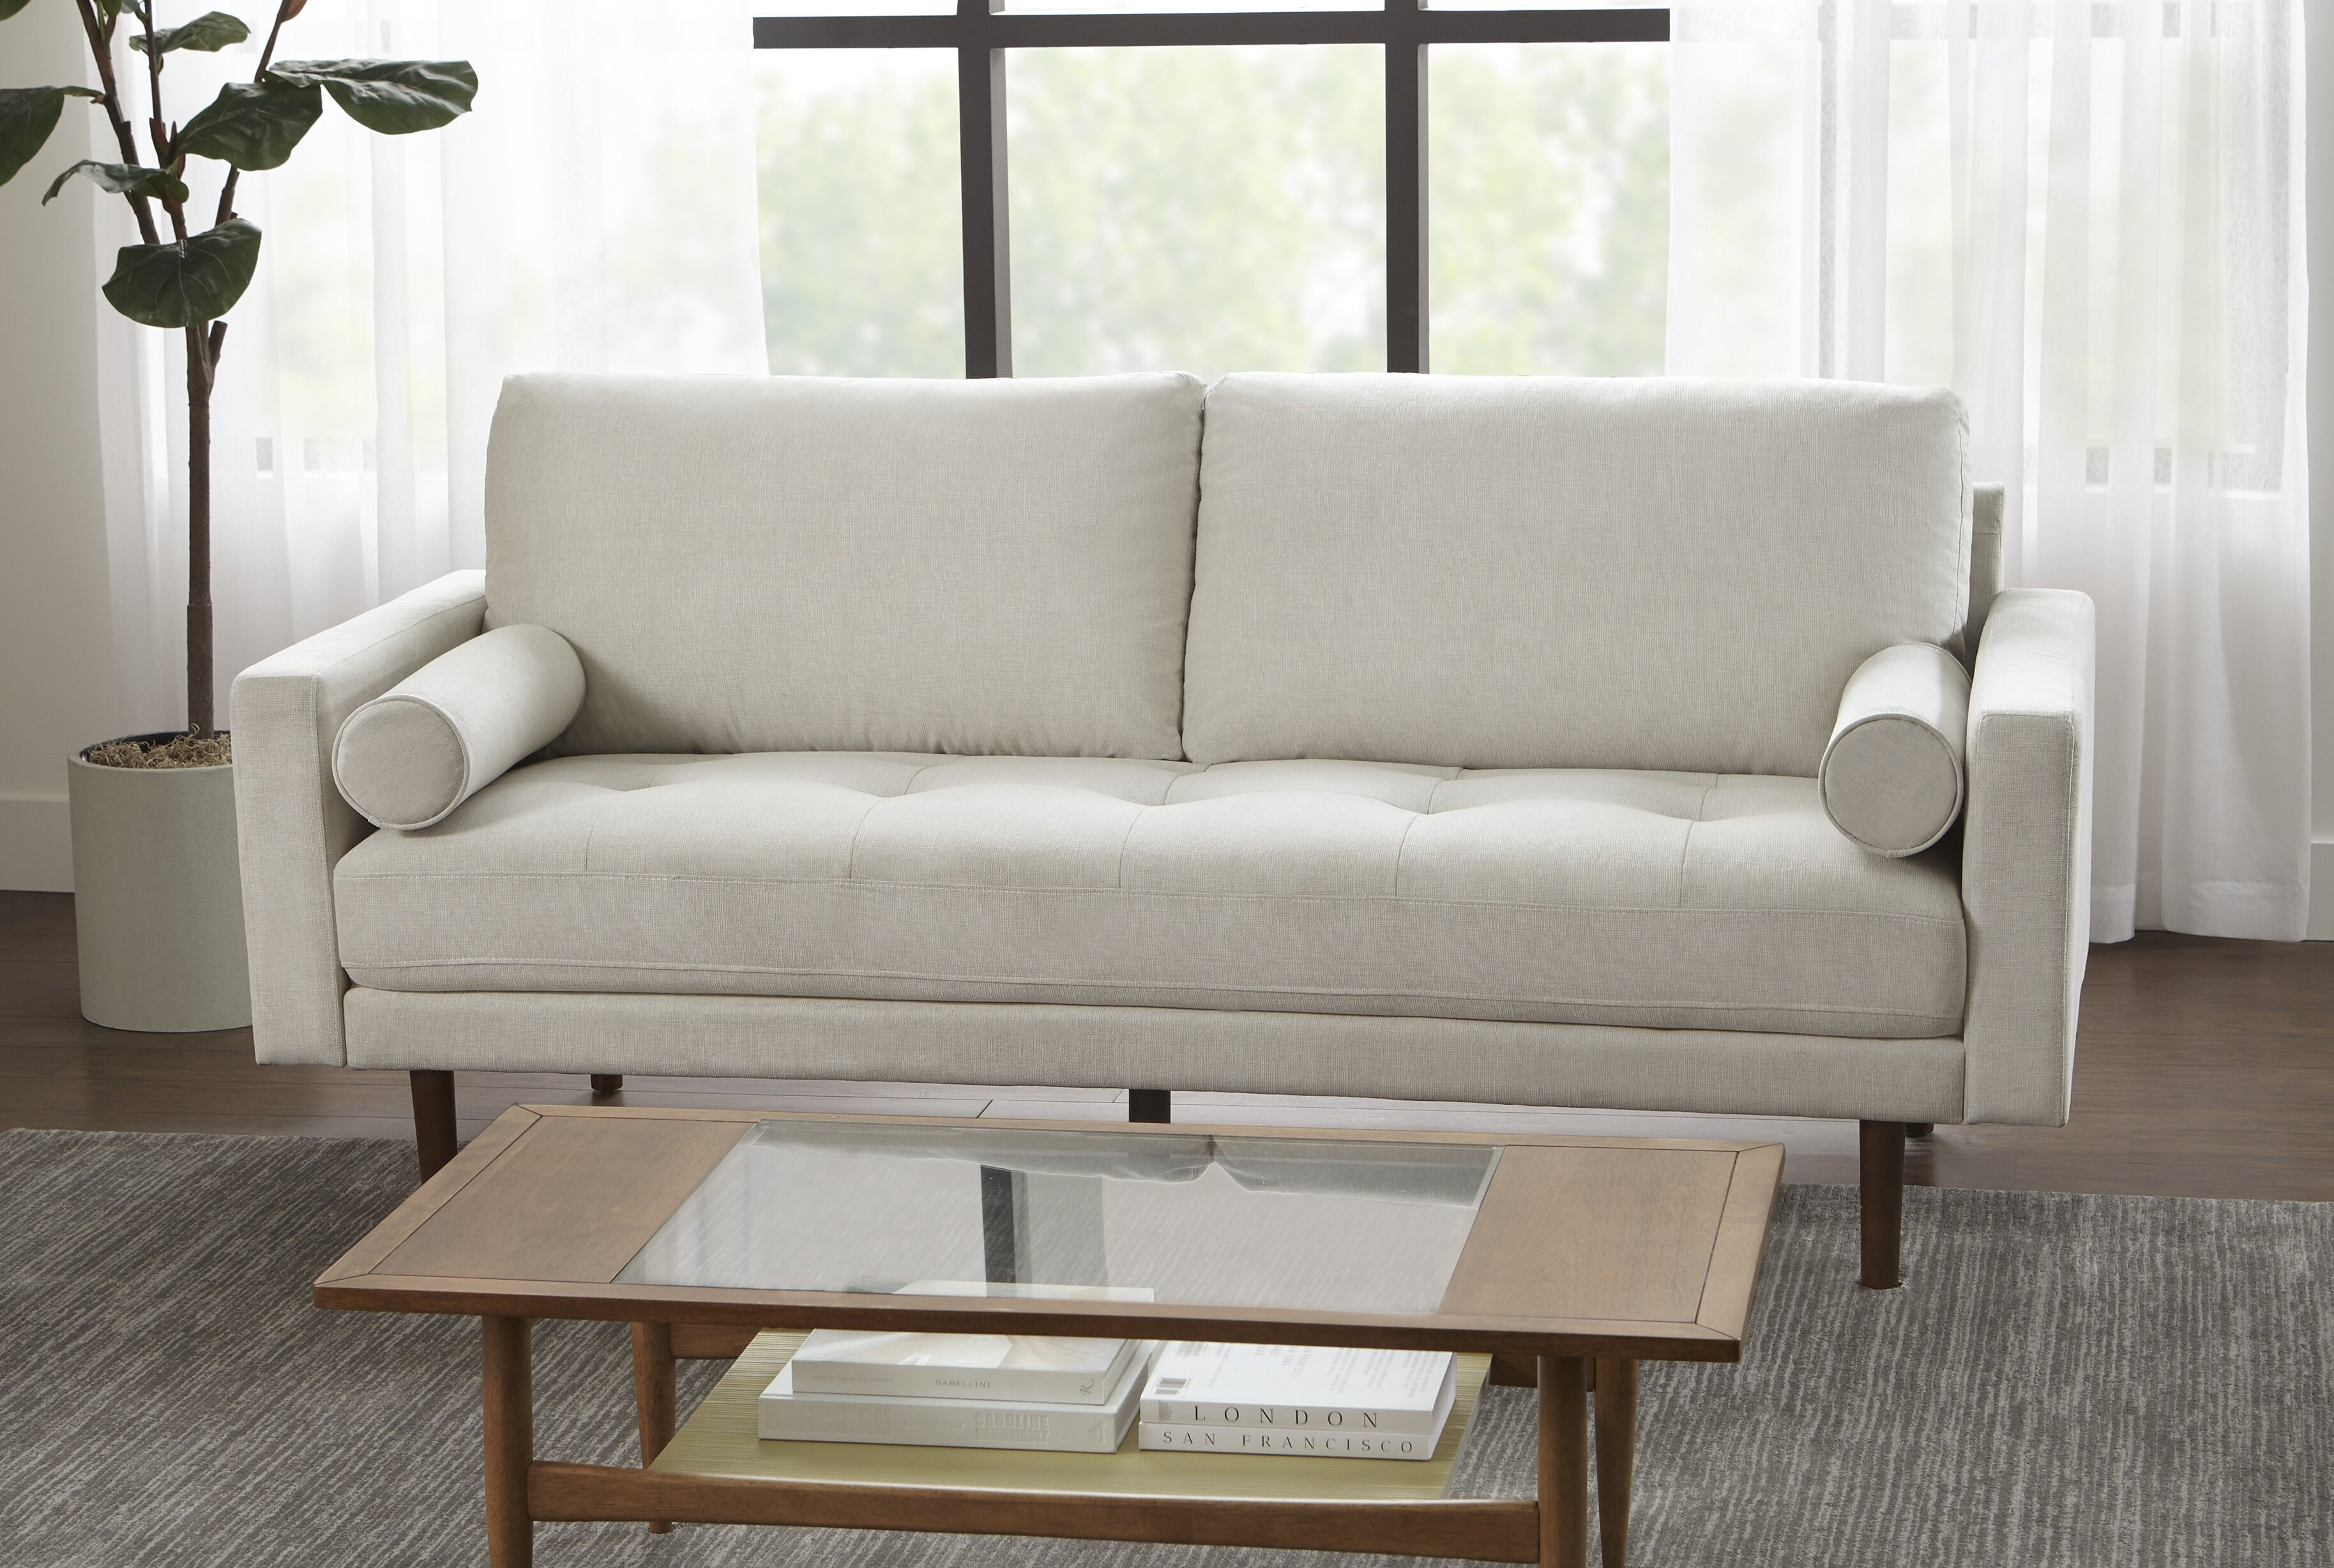 corrigan studio shippy chenille 80 square arms sofa w piid=